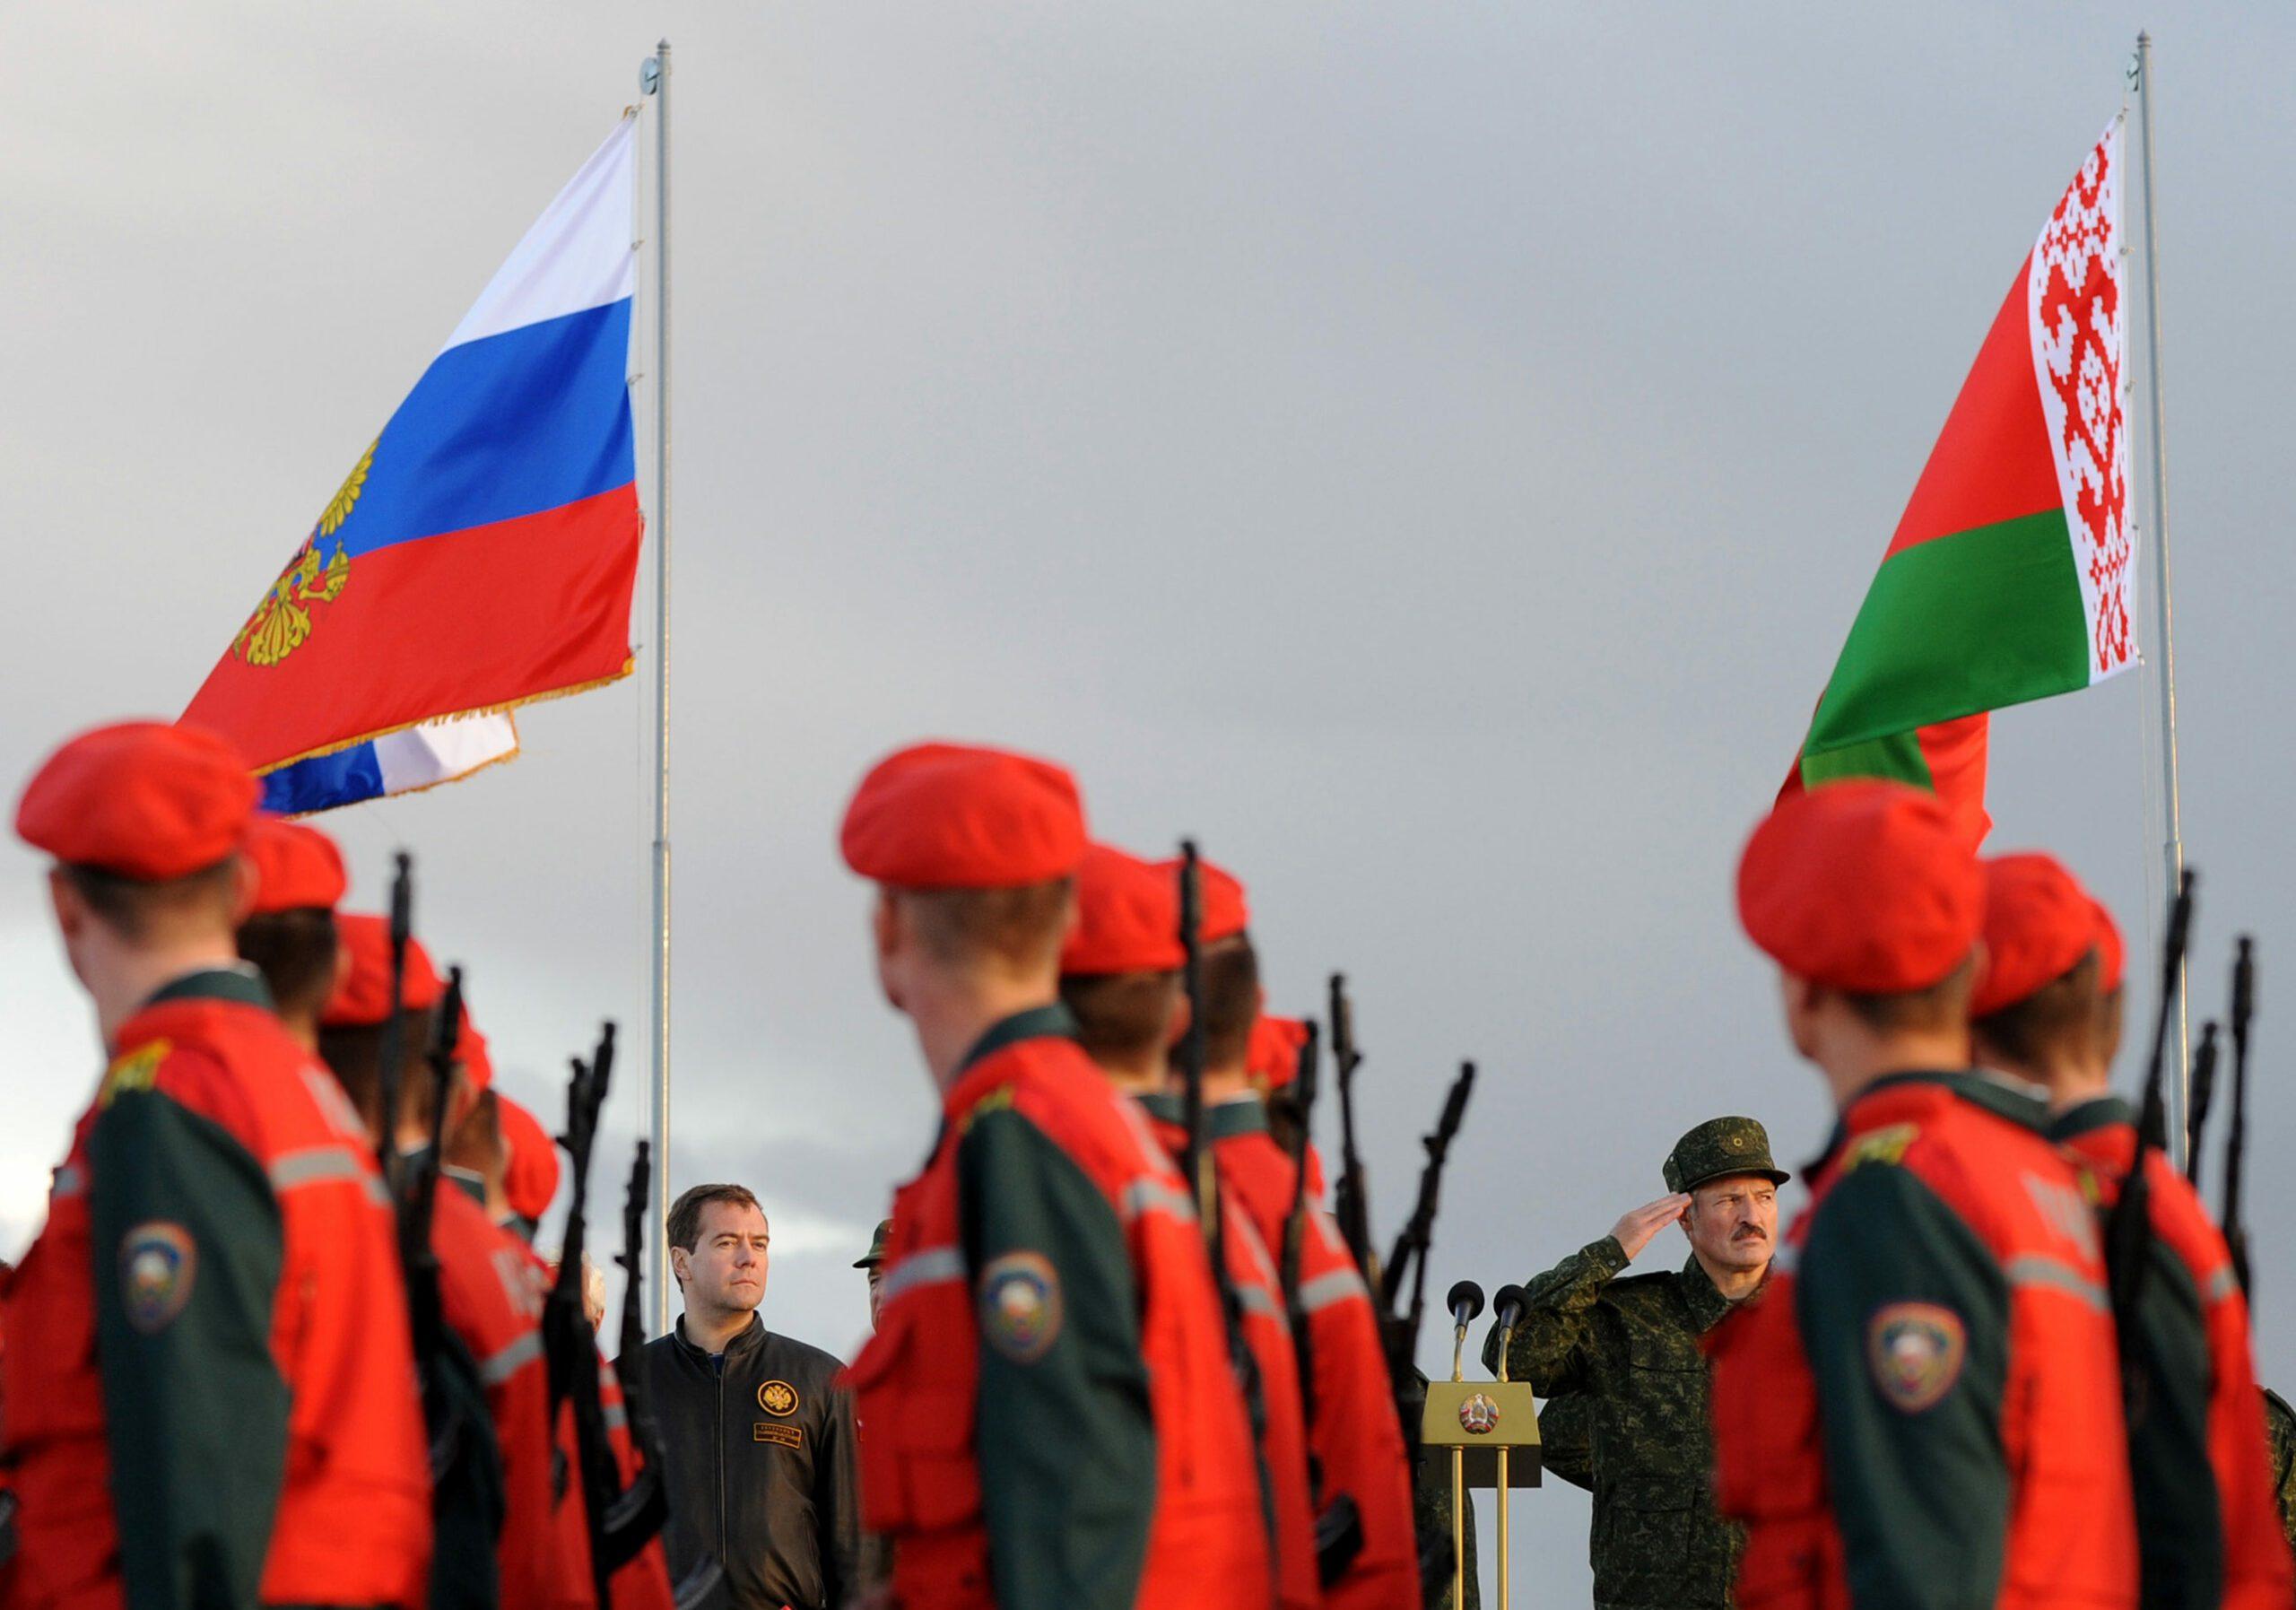 gettyimages 1228024606 scaled - <b>Білорусь і Росія підпишуть дорожні карти з інтеграції.</b> Тепер вони будуть однією державою? Ні, але процес злиття не зупинити - Заборона